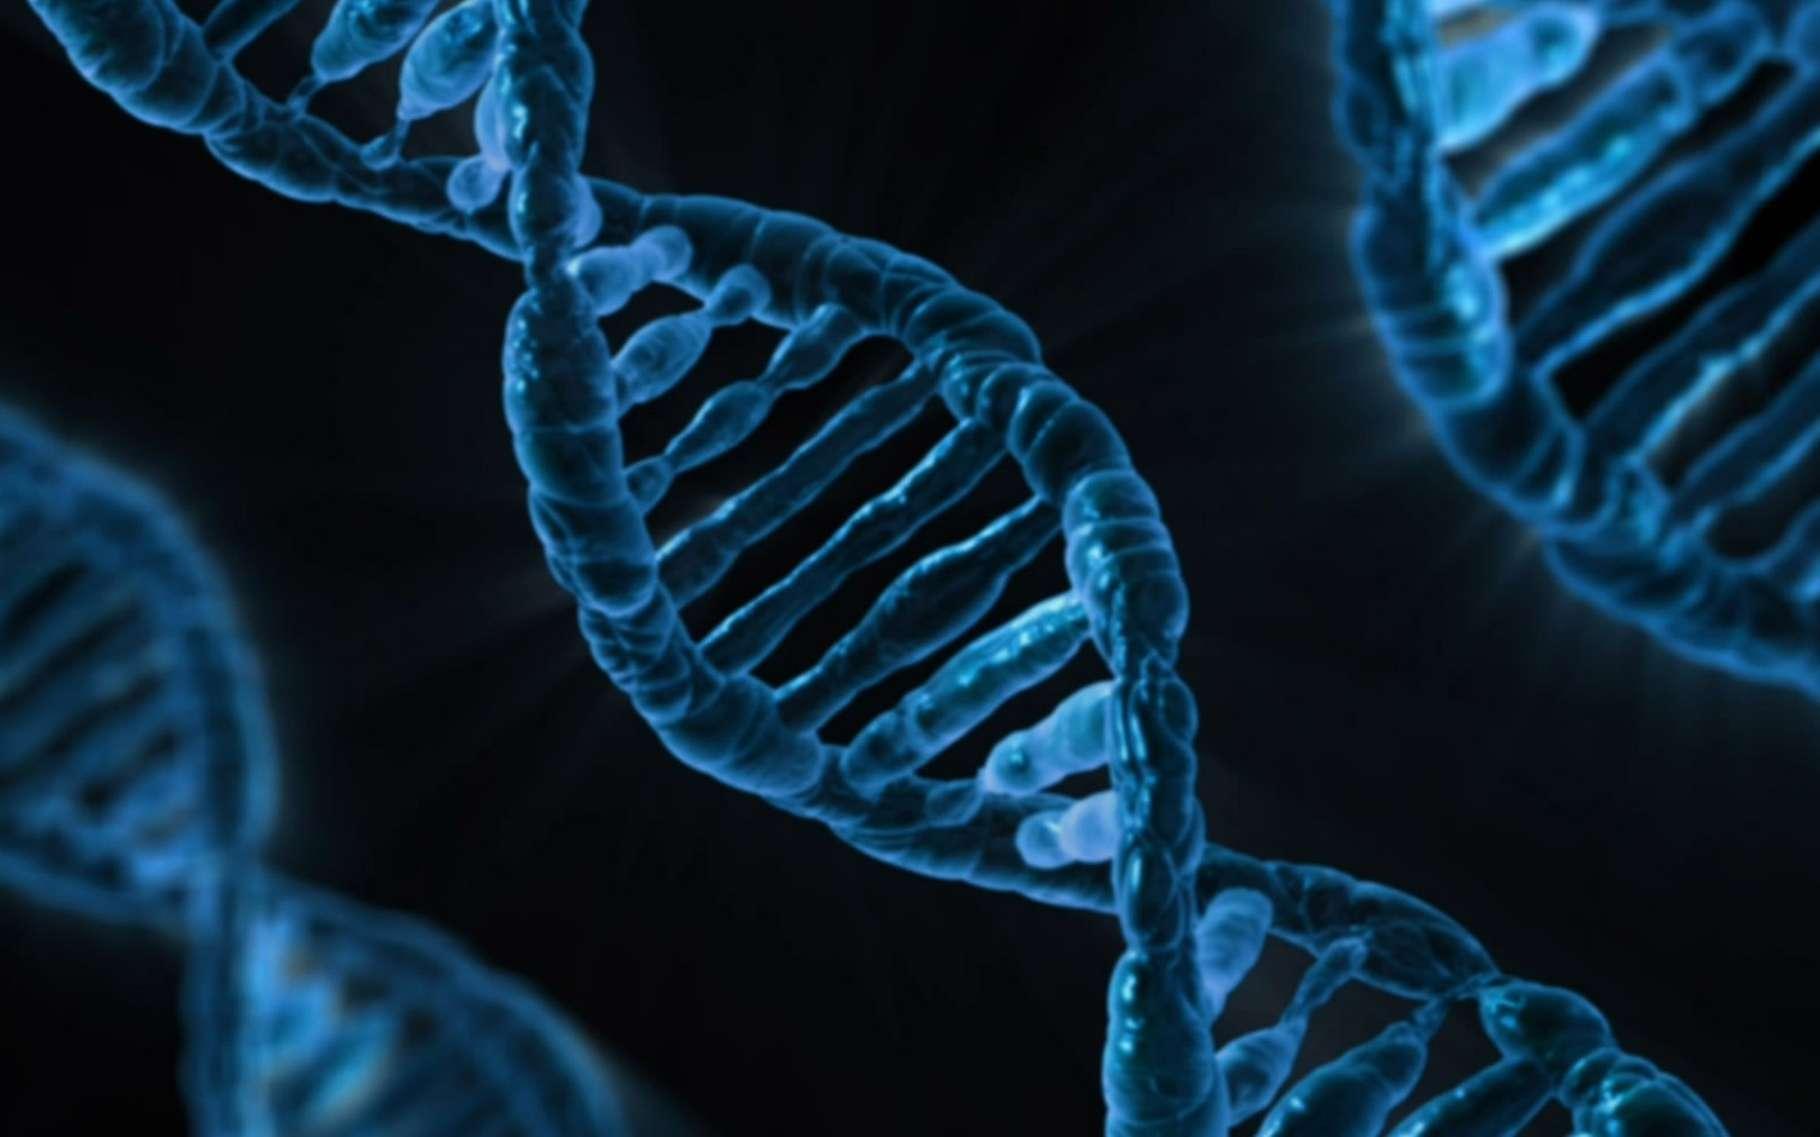 L'ADN est une mémoire mais il peut aussi servir à calculer.© CNRS